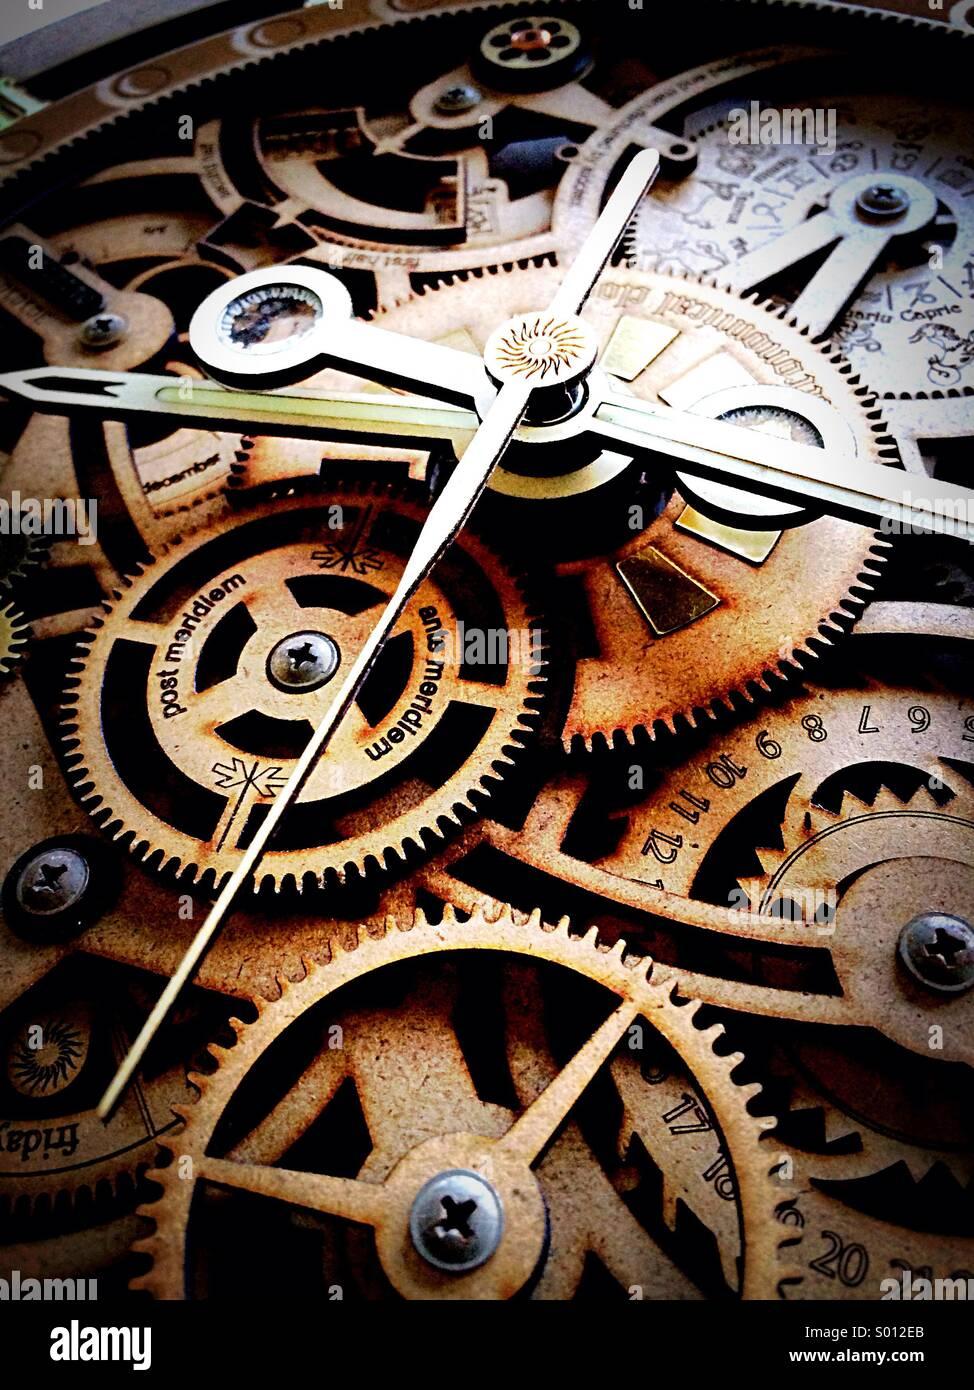 Pièce de l'horloge Photo Stock